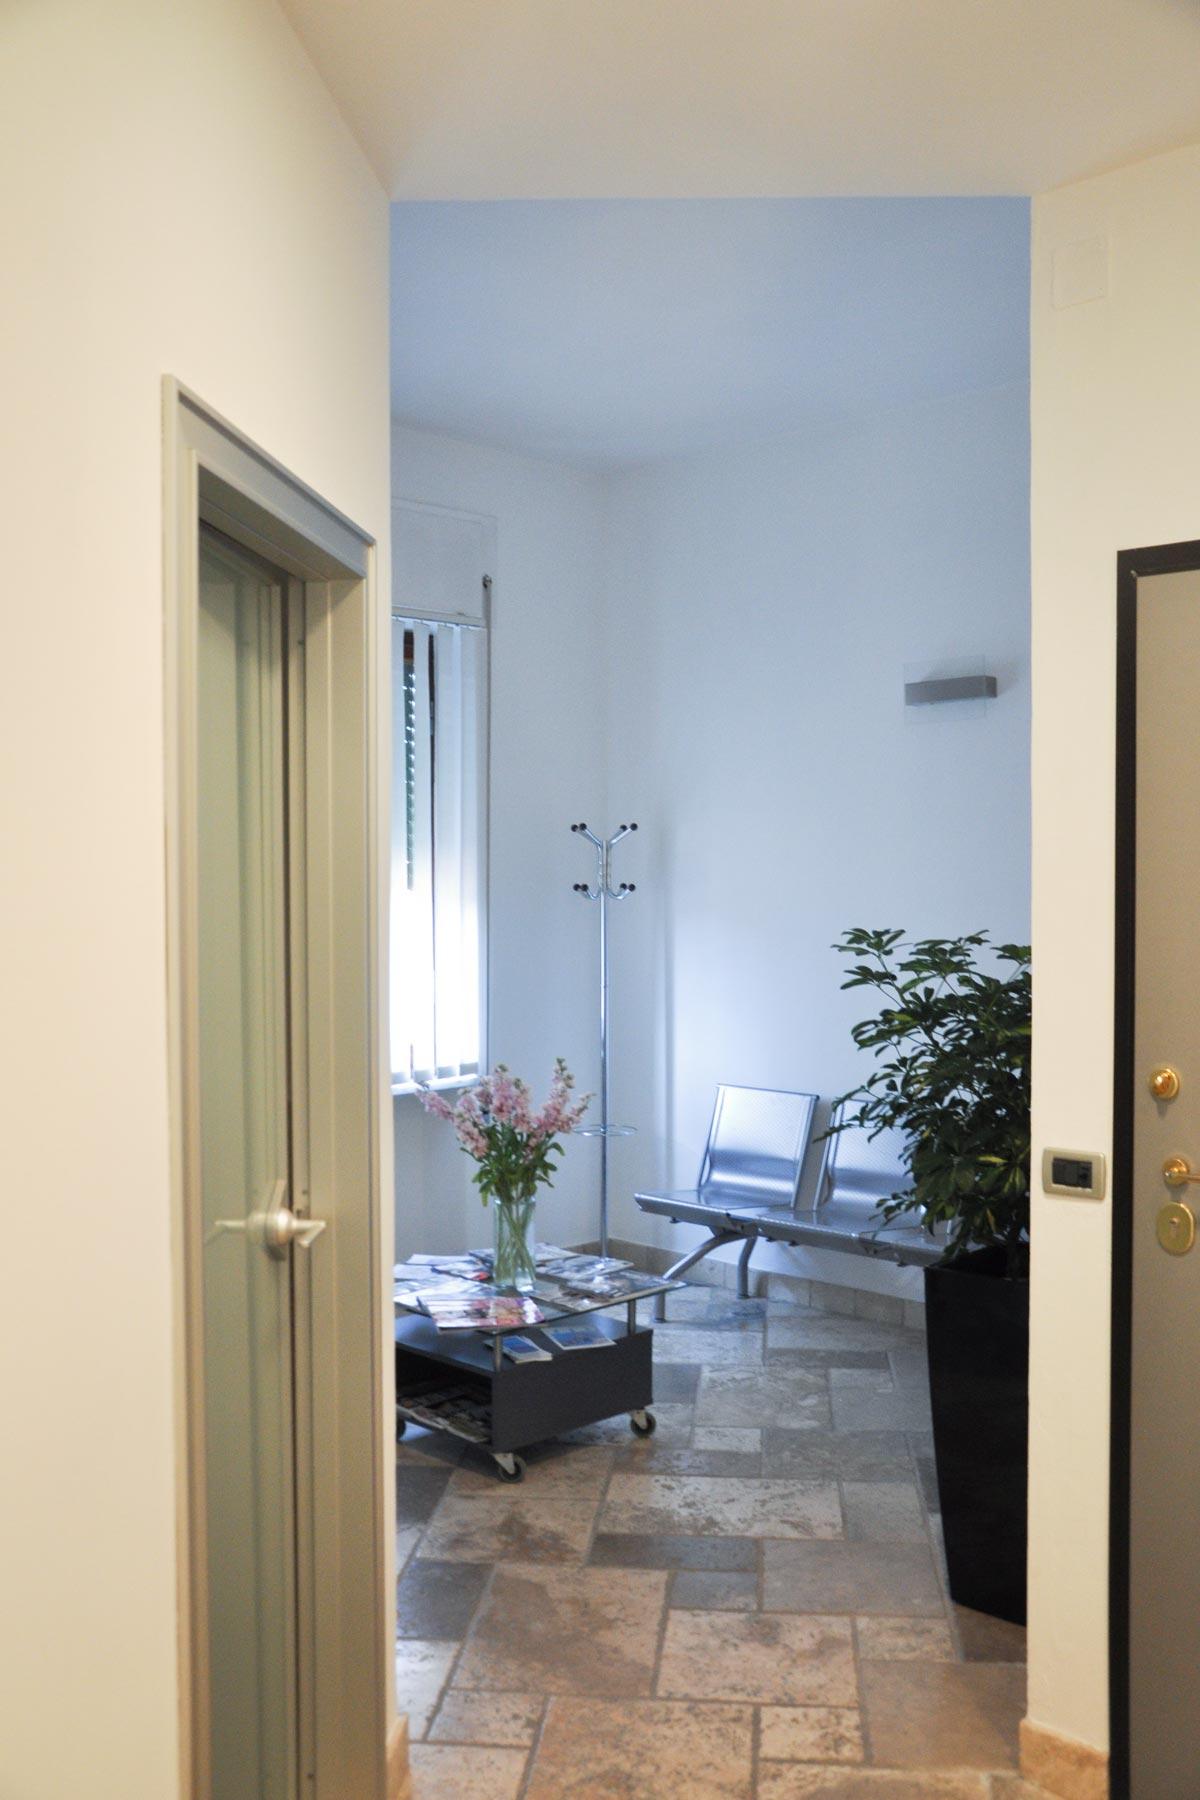 studio-dentistico-dental-piu-Marina-di-Massa-02